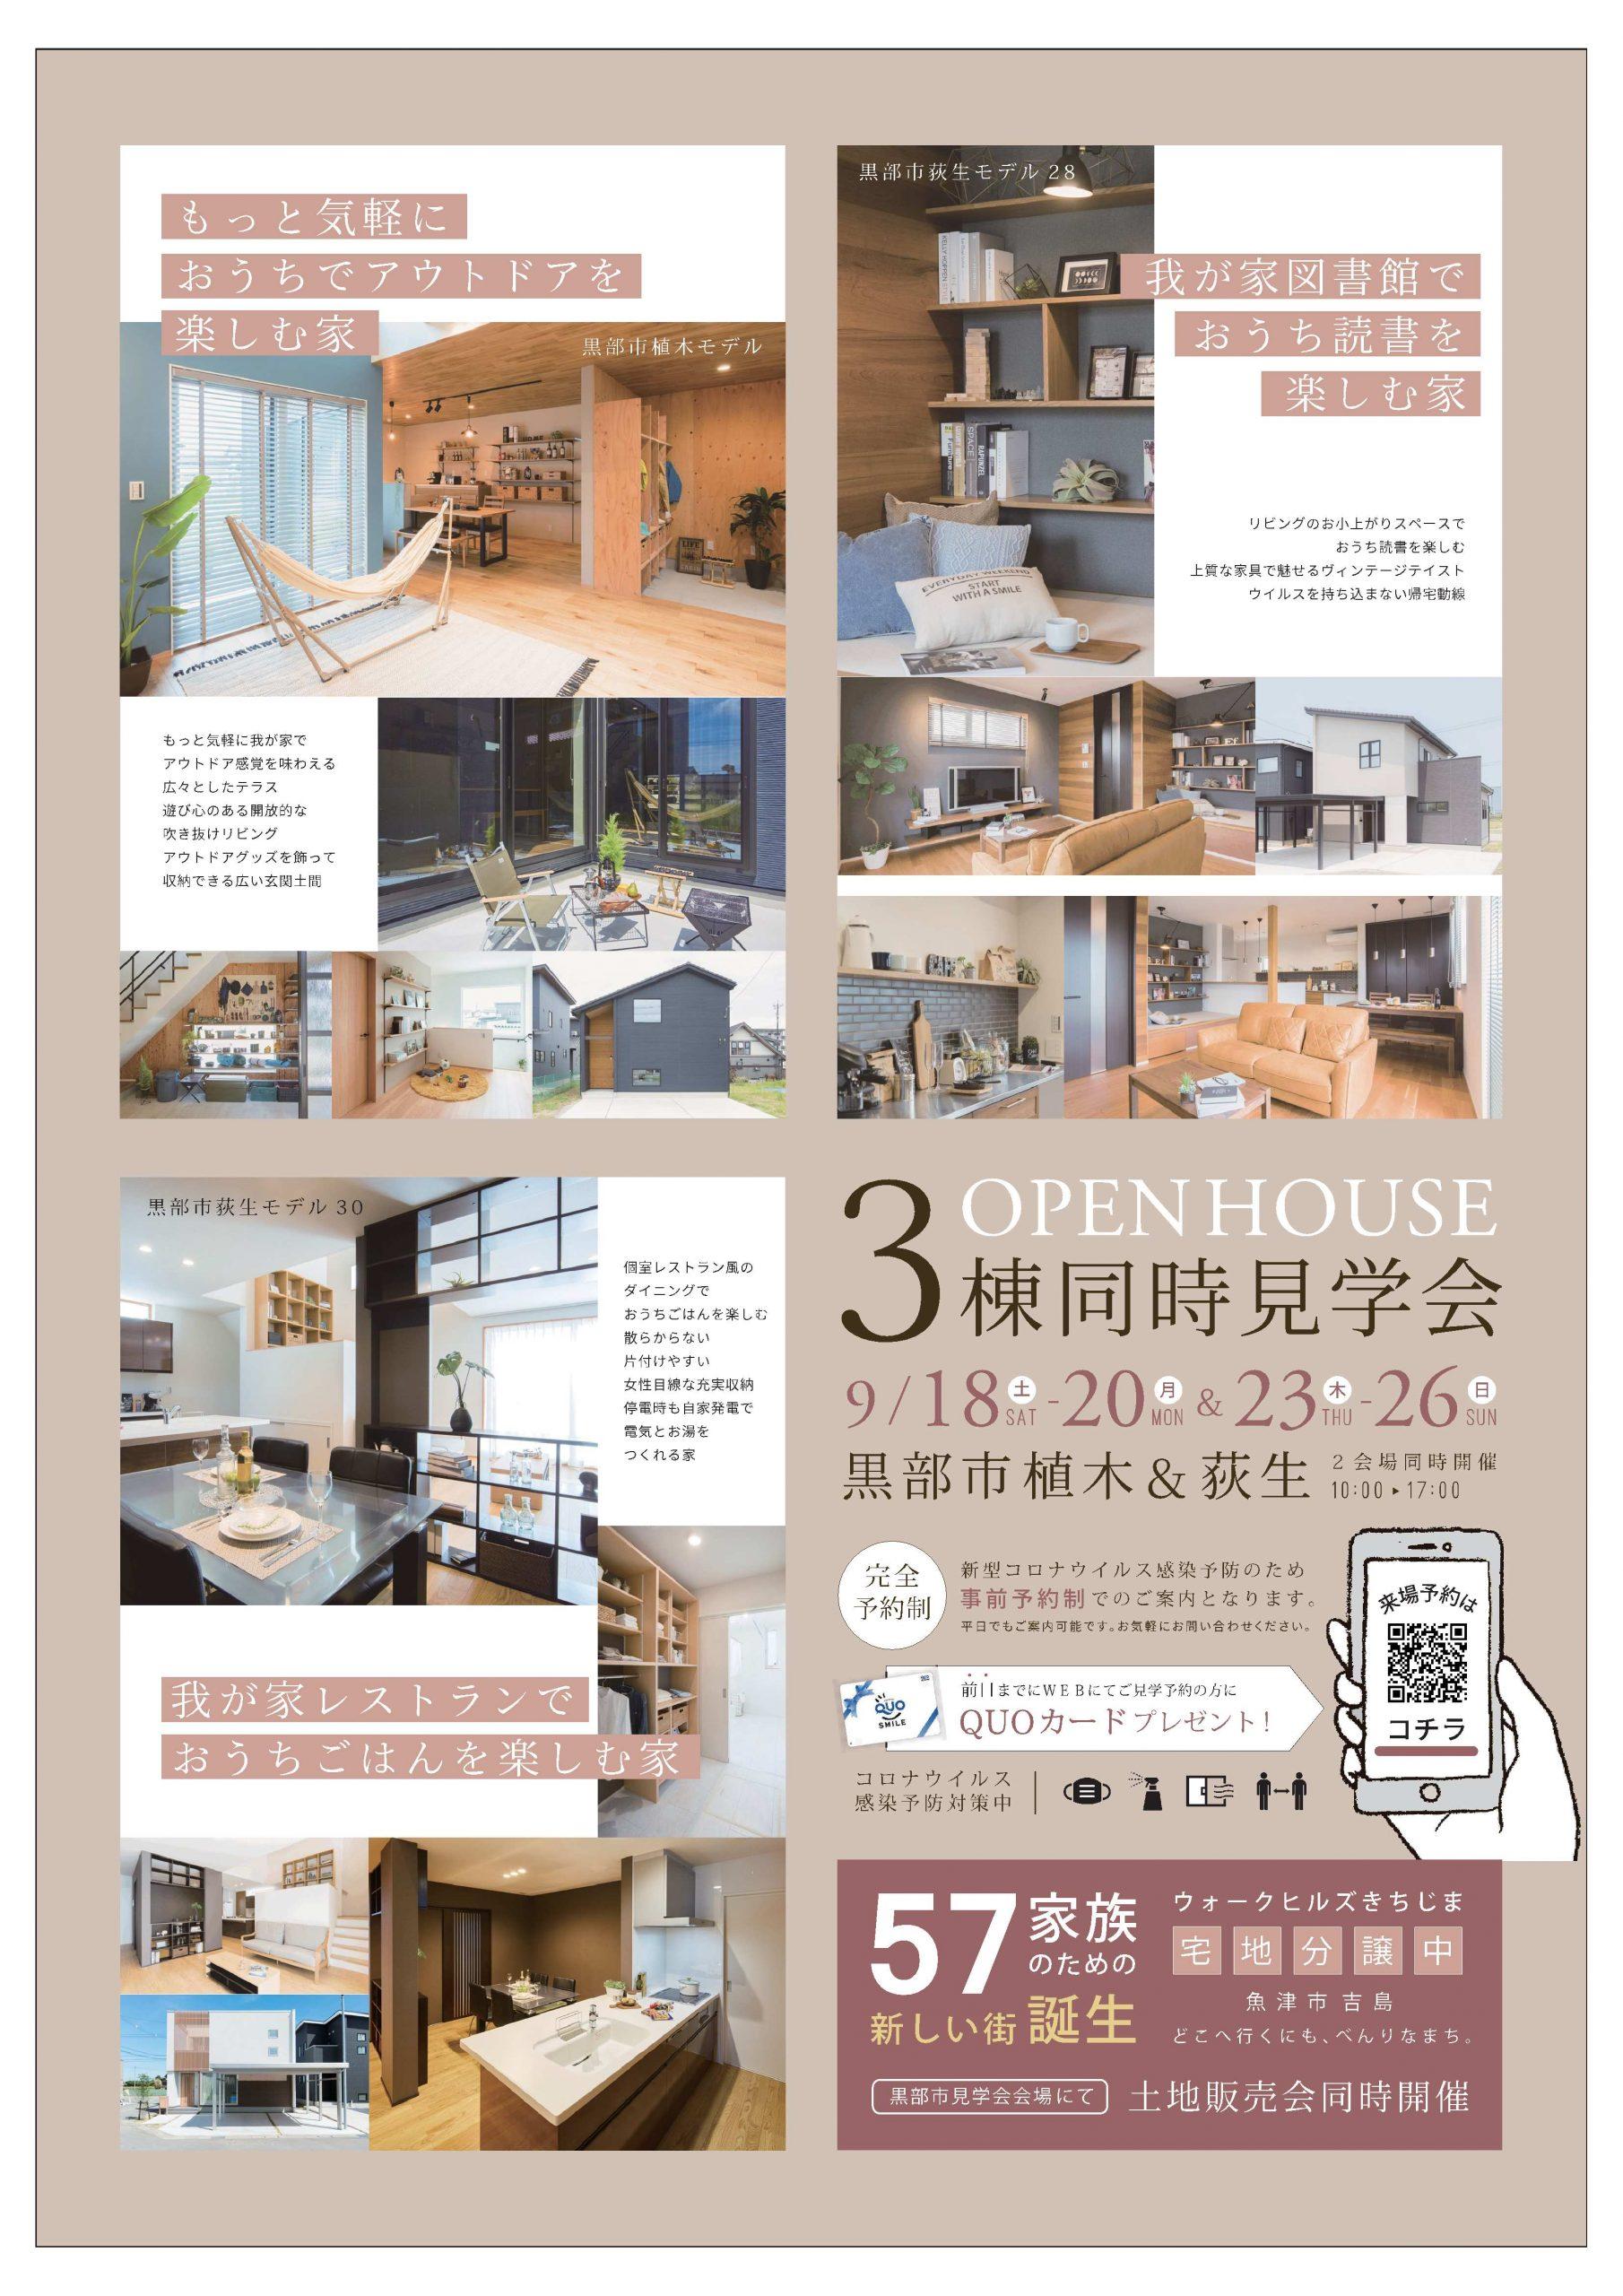 9/23(祝)~26(日)黒部市3棟モデルハウス同時見学会【予約制】